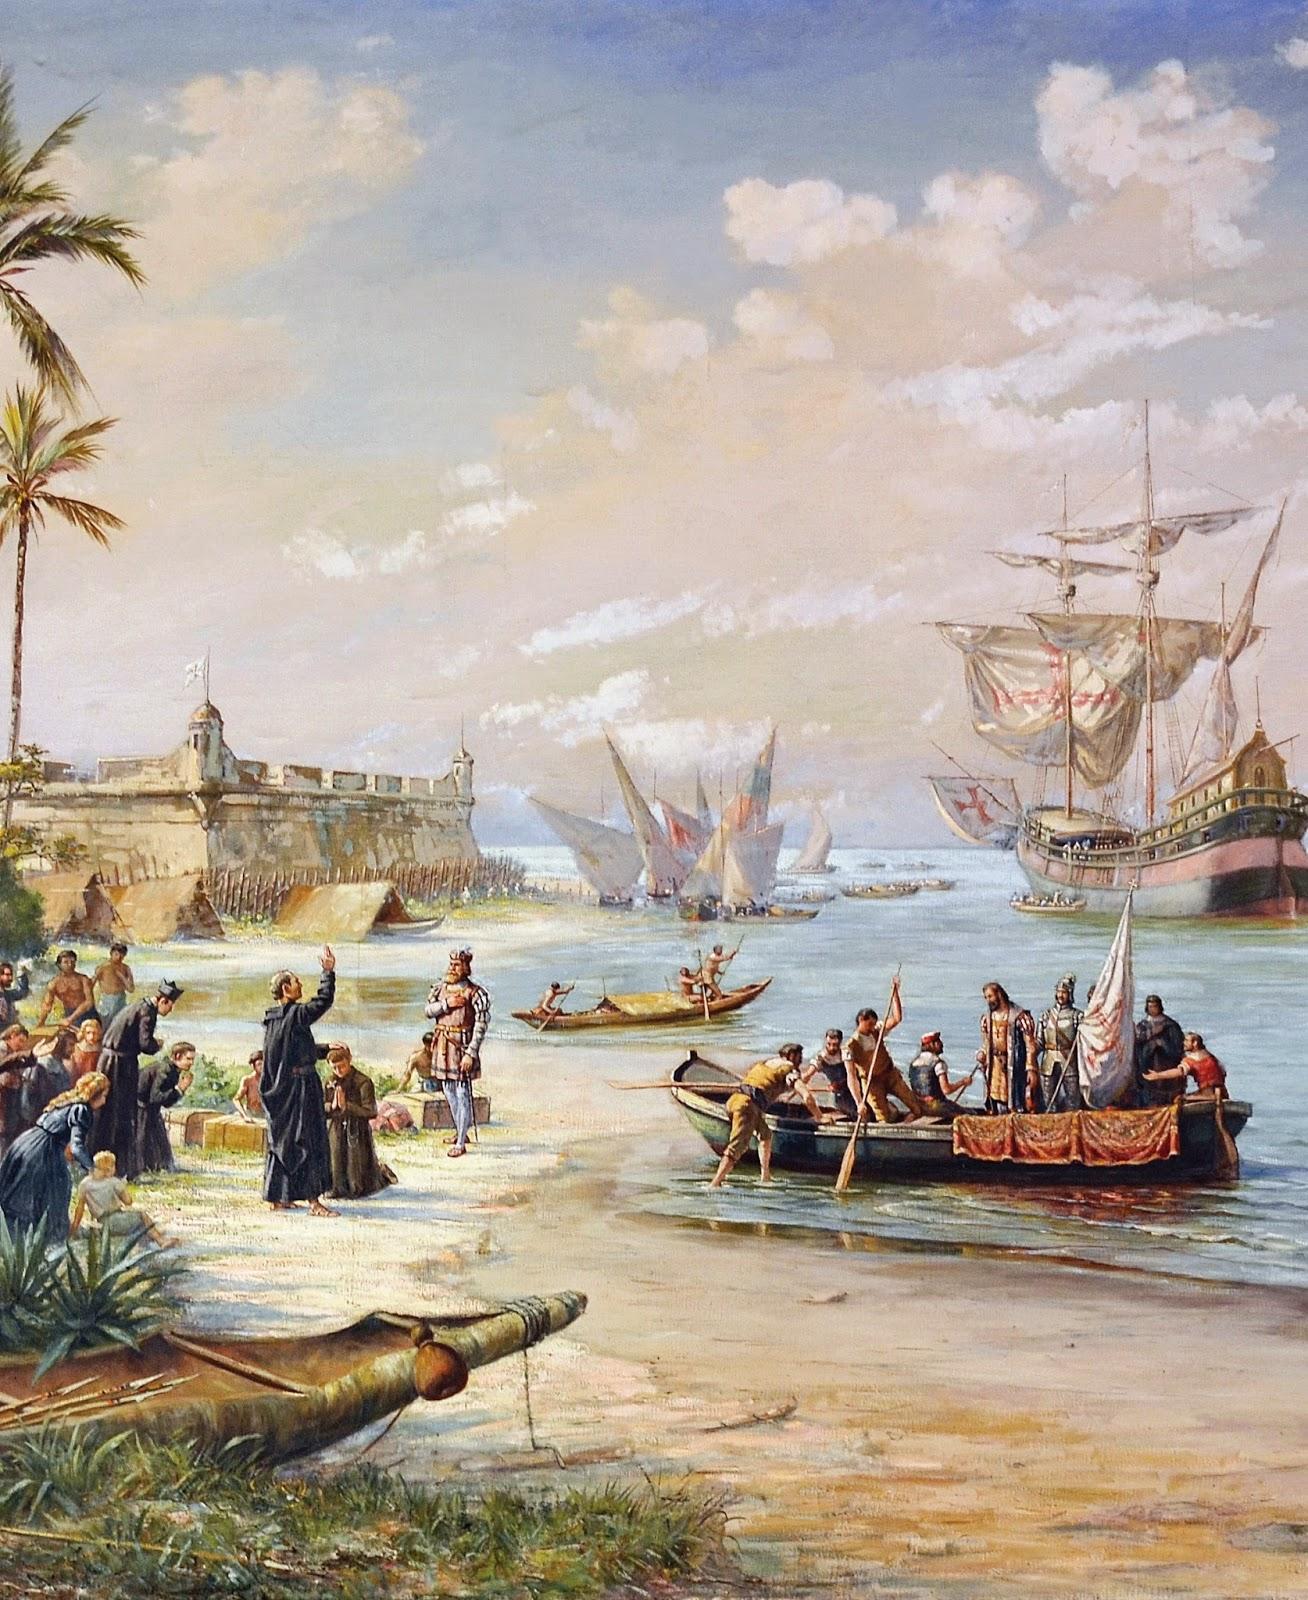 Partida de Estácio de Sá (rumo à fundação do Rio de Janeiro). Pintura de Benedito Calixto.